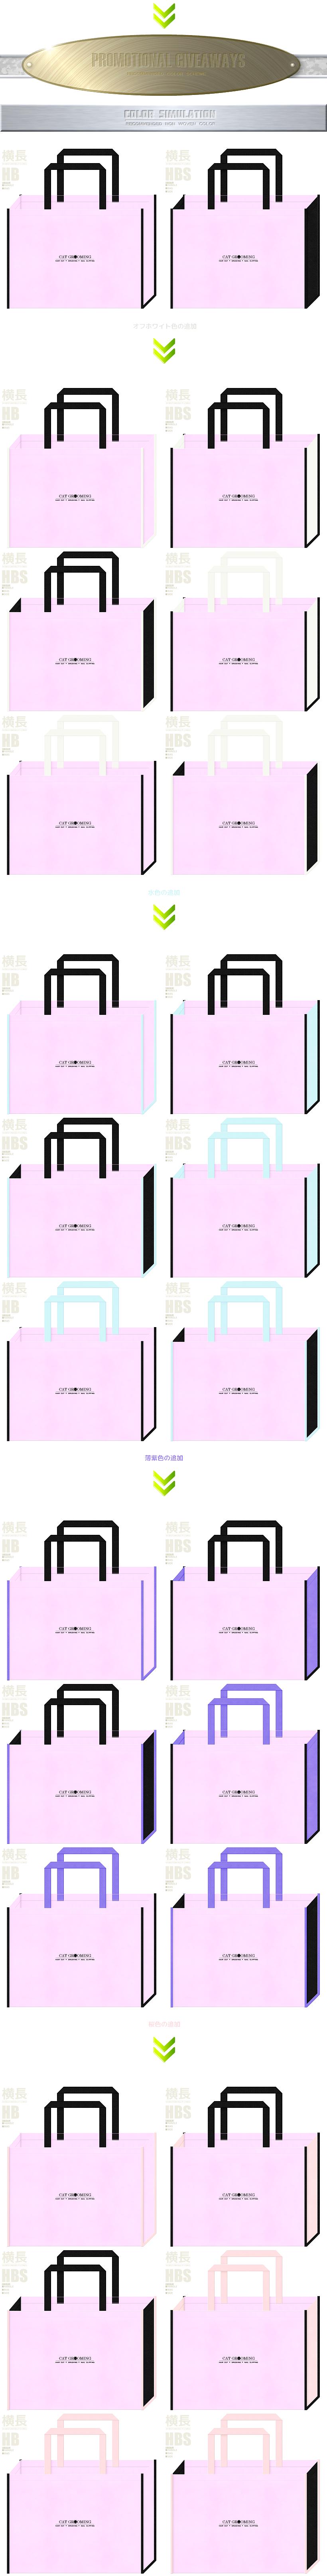 パステルピンク色と黒色をメインに使用した、ガーリーデザインの不織布バッグのカラーシミュレーション:ペットケア・コスメ・香水・ネイル・エステにお奨め